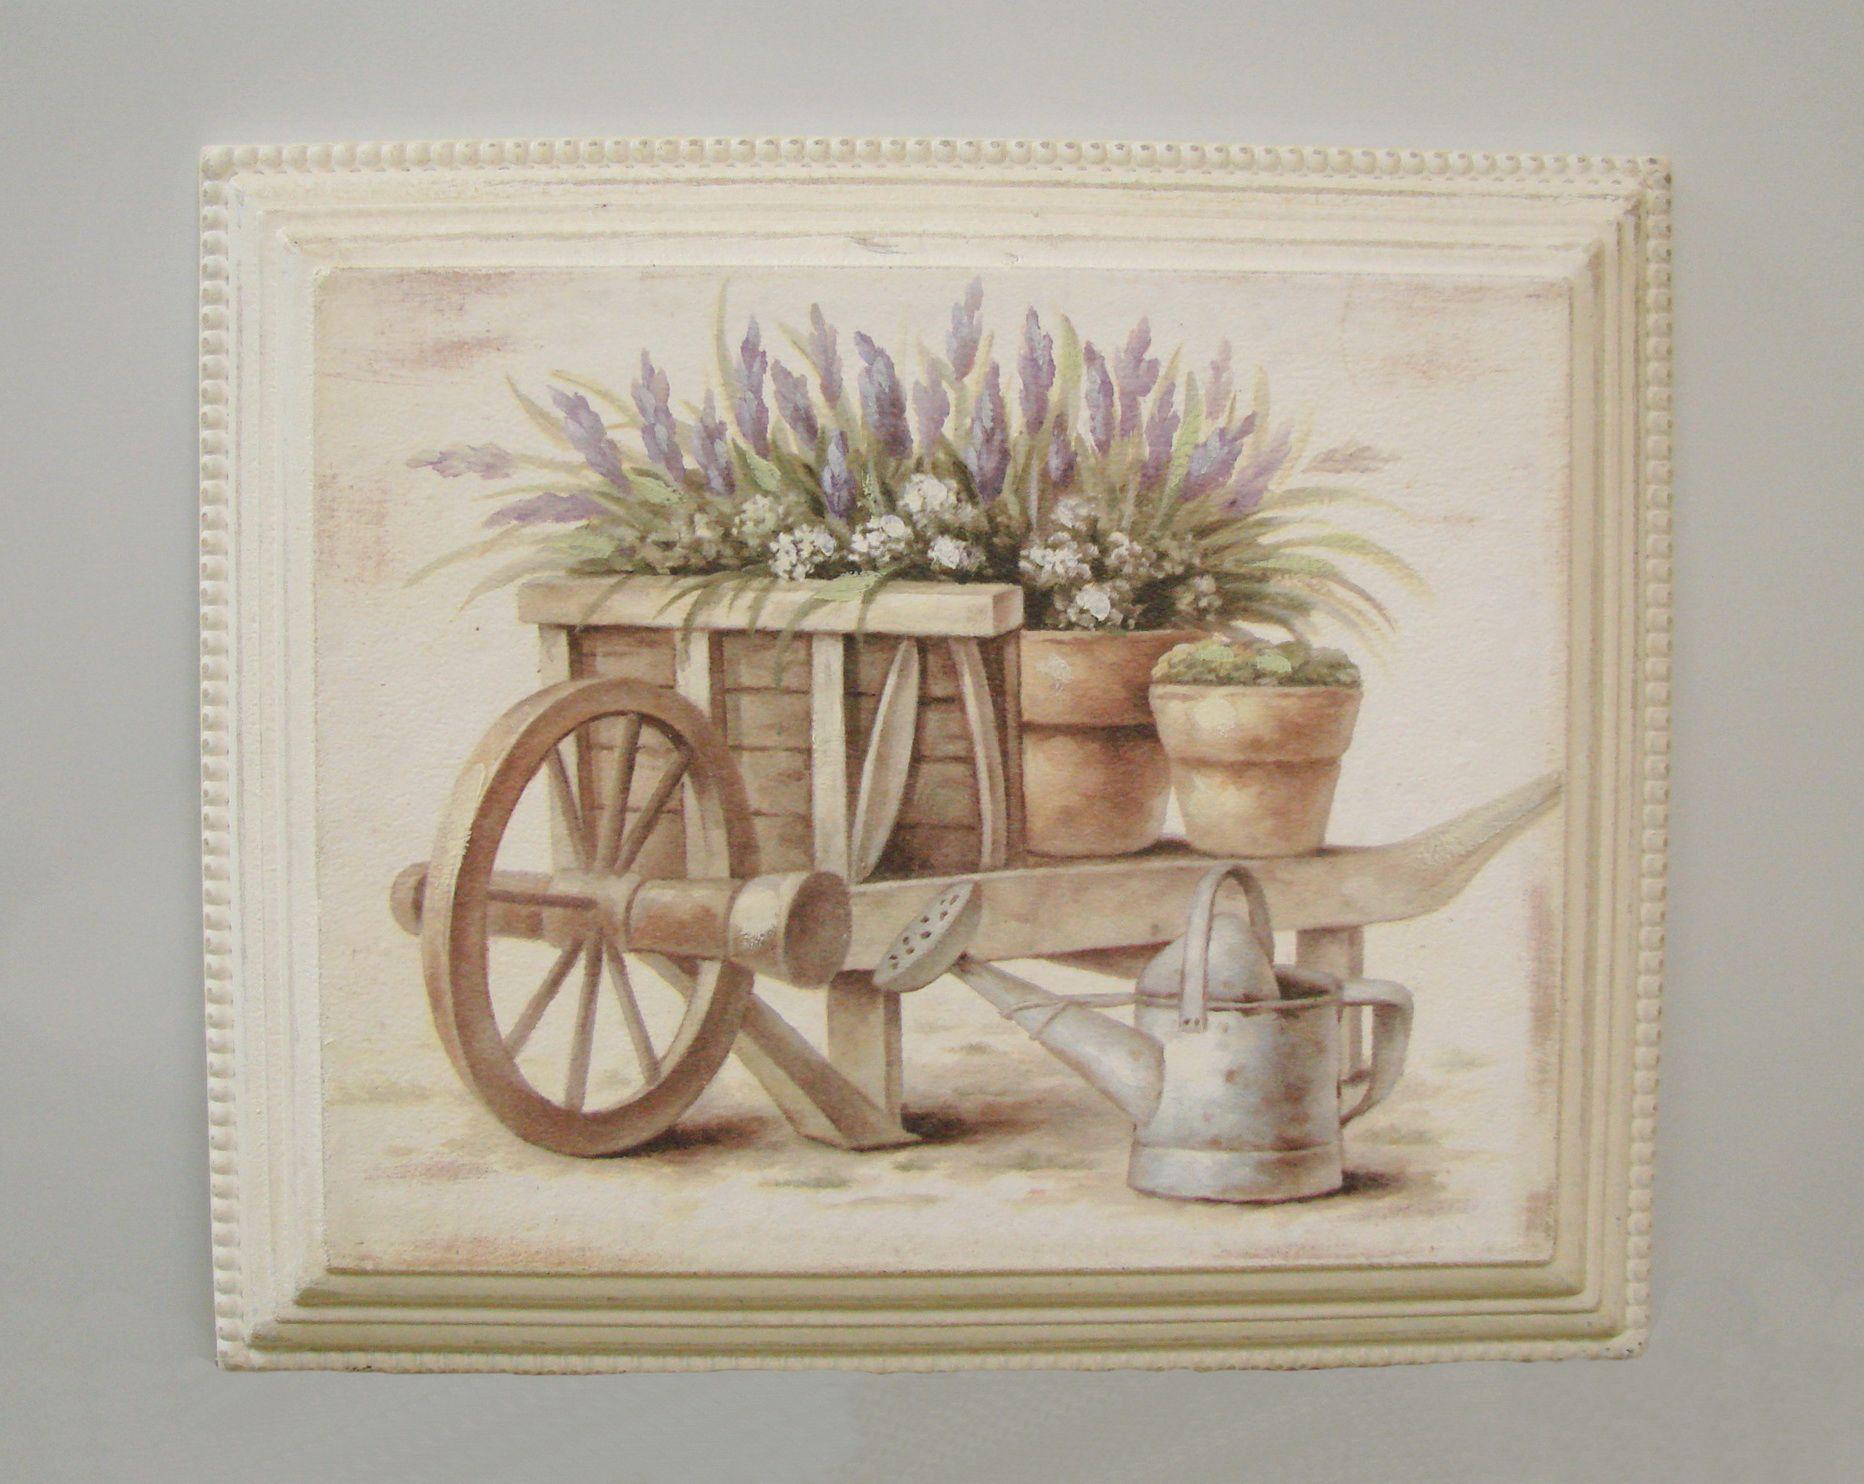 листок это картина для кухни в стиле прованс представлены все обои